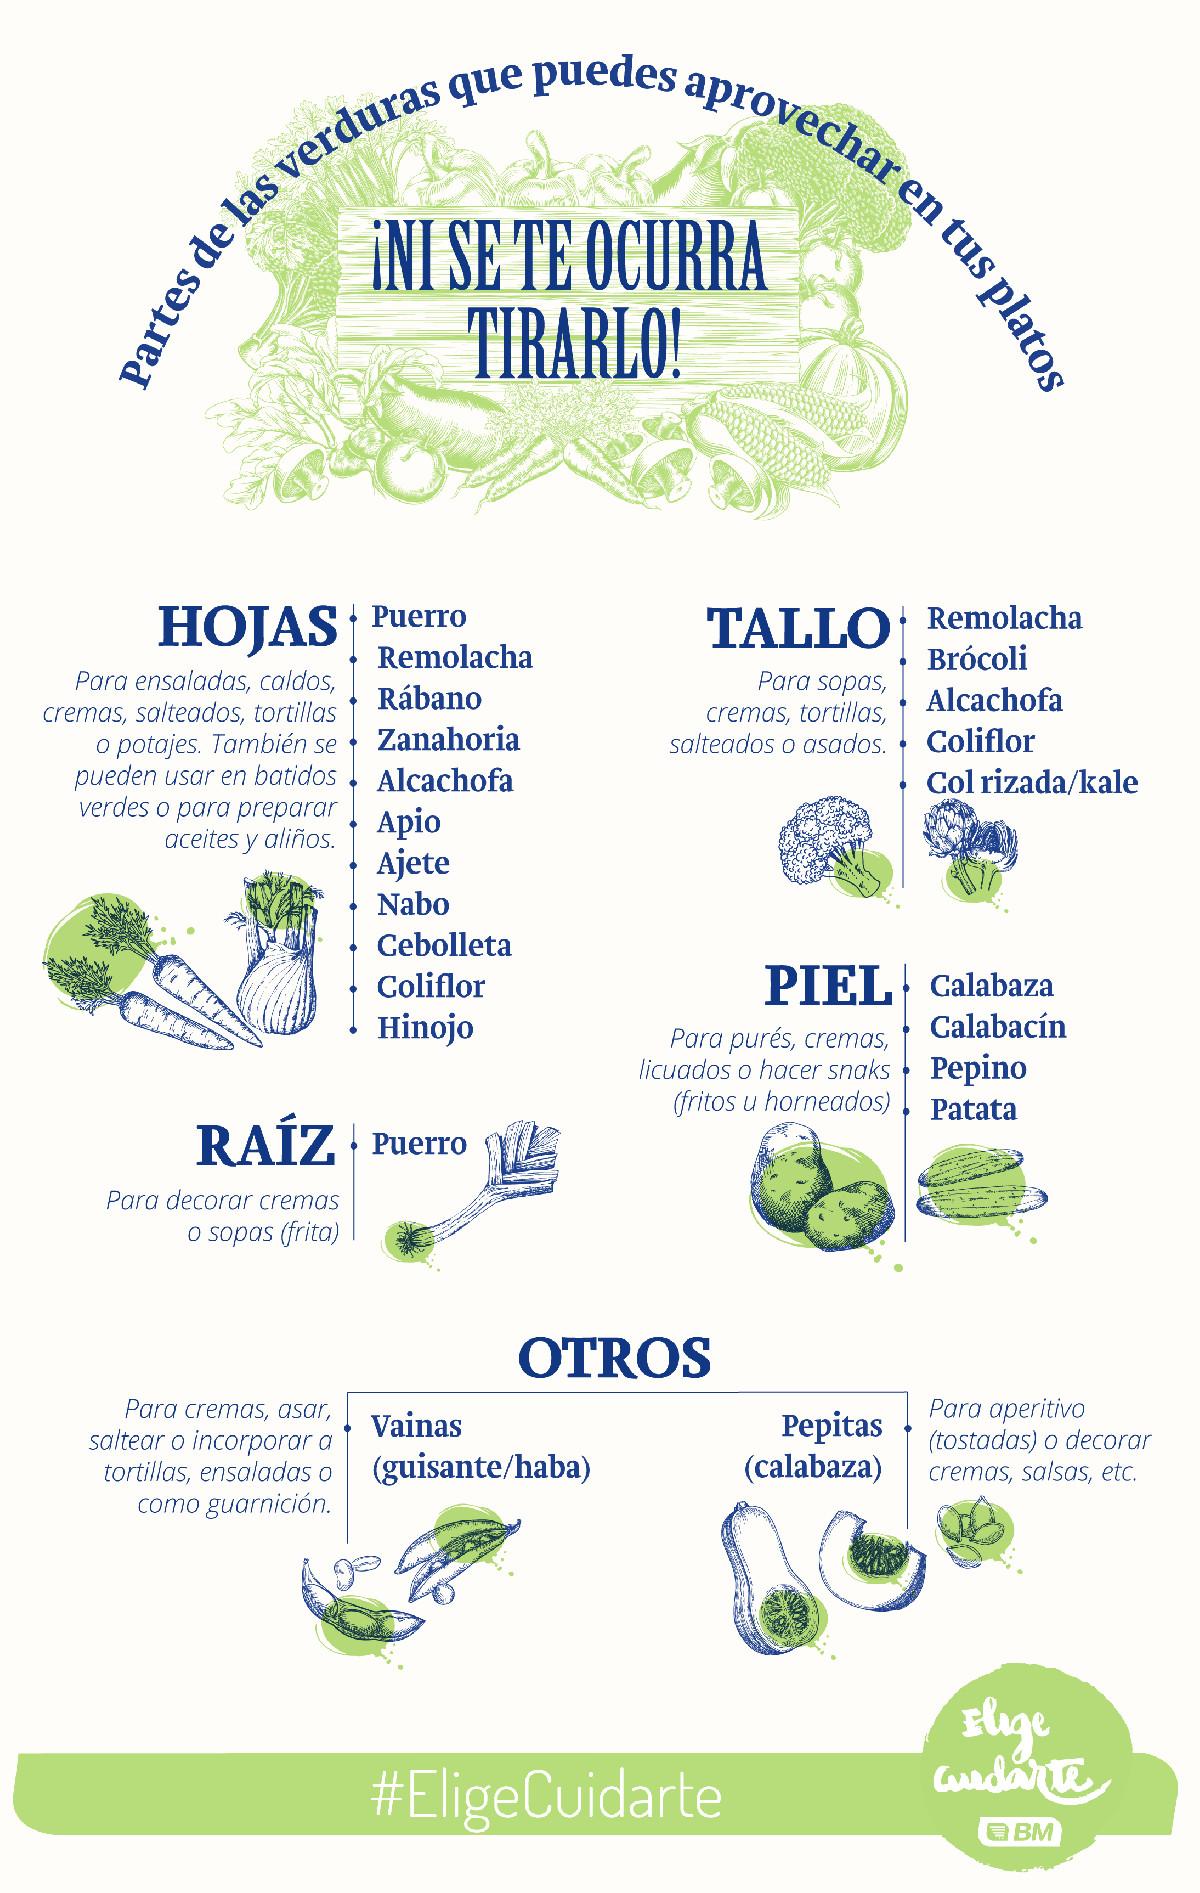 Partes de las verduras que puedes usar en tus platos